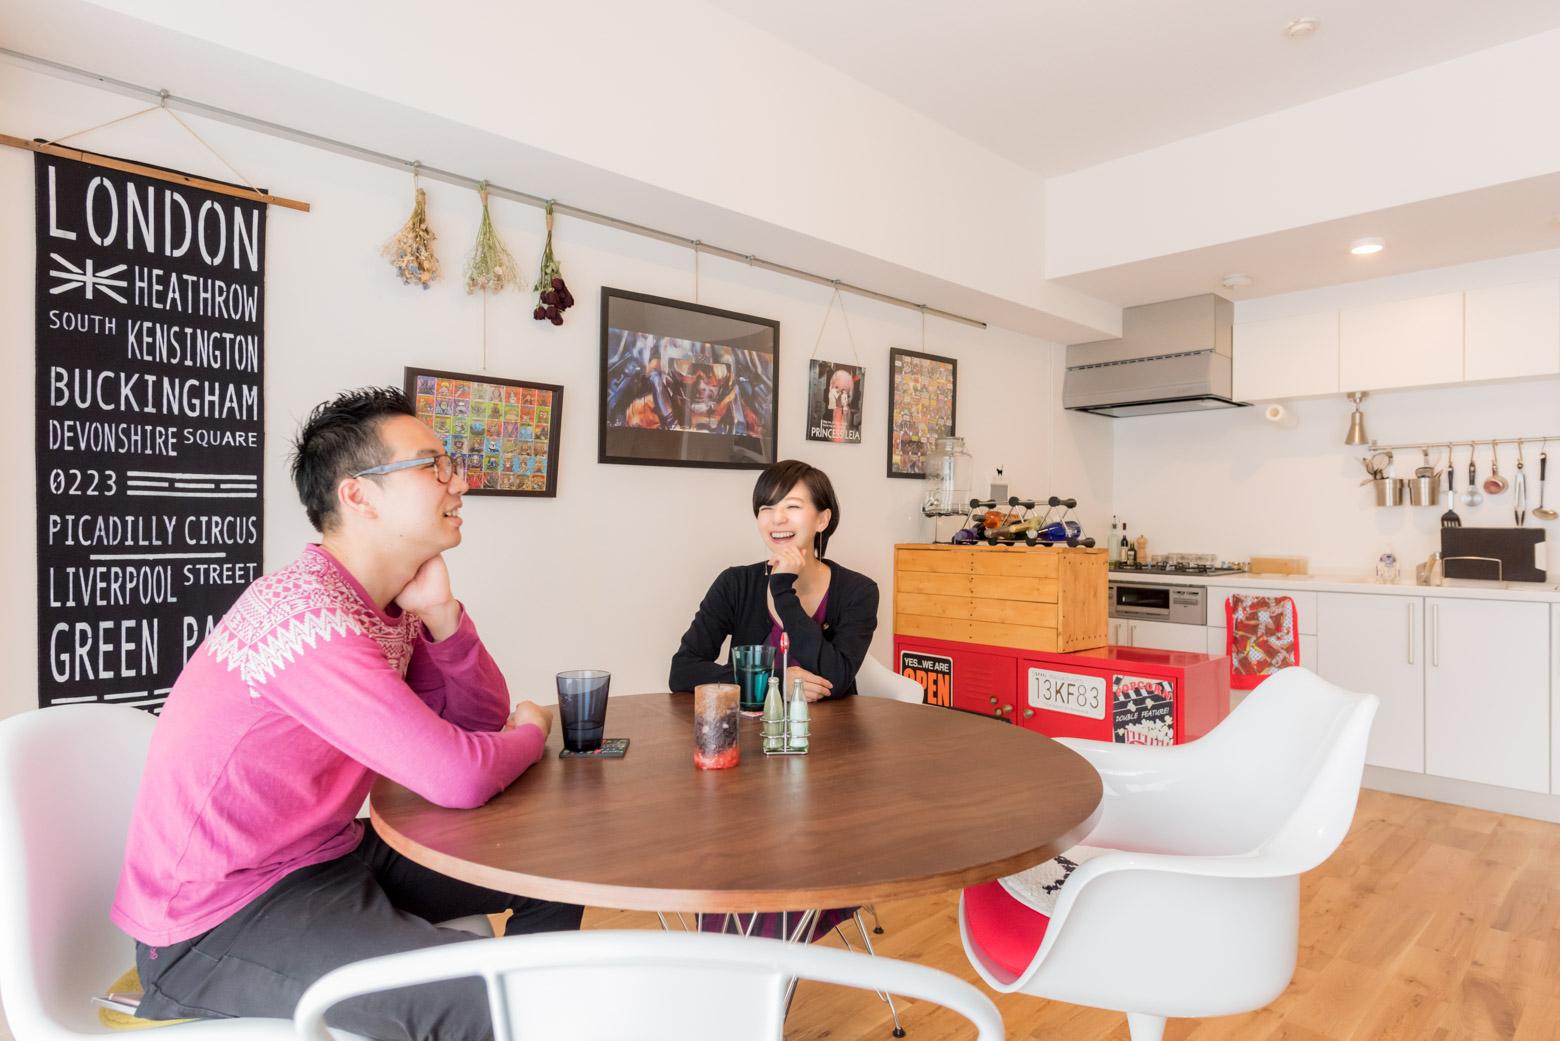 今回お部屋を見せてもらった佐藤さんご夫妻。奥さまがしじゅう笑顔ですごくすてきだった。